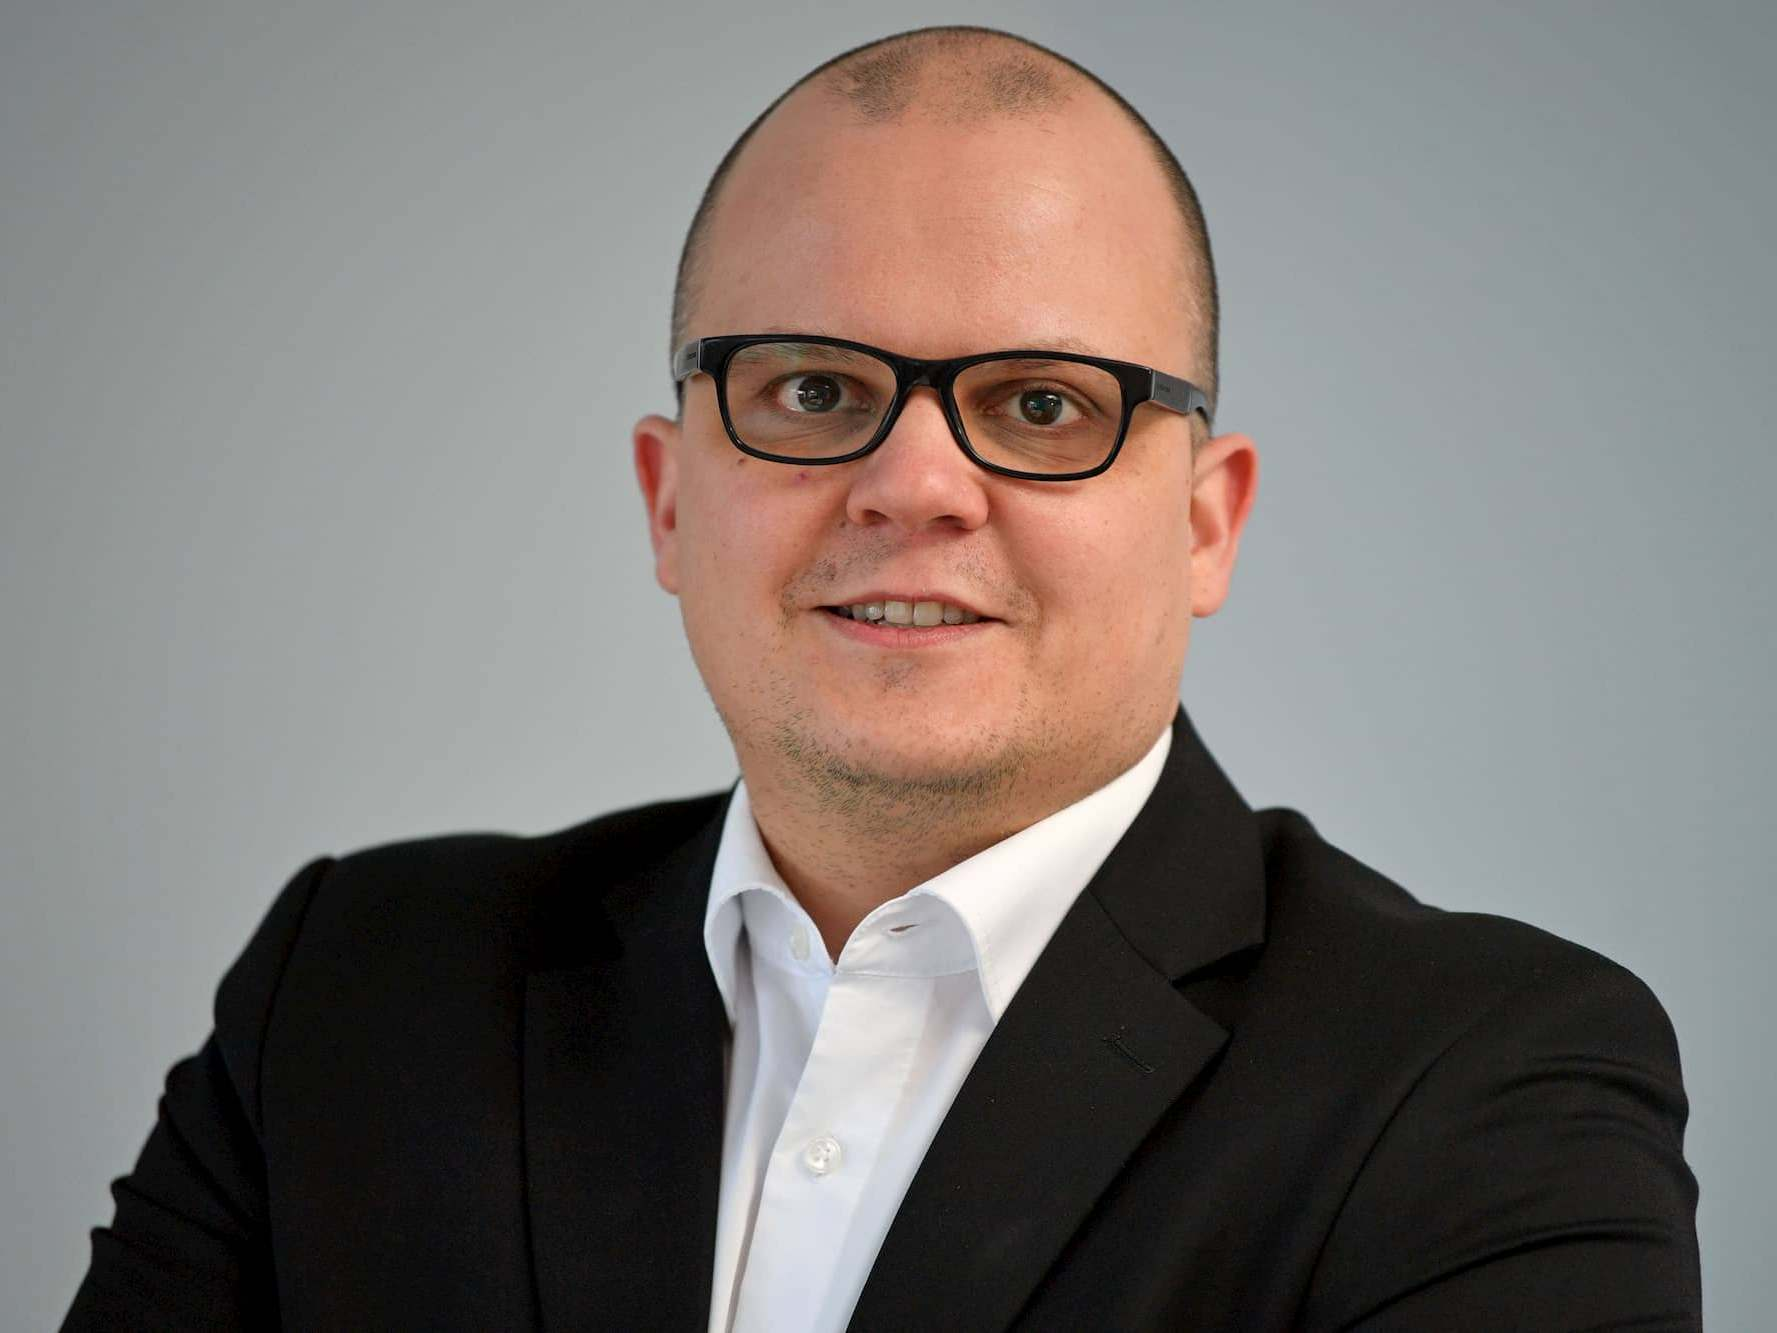 """""""Um die Krise zu meistern, braucht der Handel in allen Unternehmensbereichen die denkbar beste Unterstützung. Genau die wird er auf der EK LIVE bekommen"""", verspricht Jochen Pohle, Bereichsleiter Business Unit EK Home."""